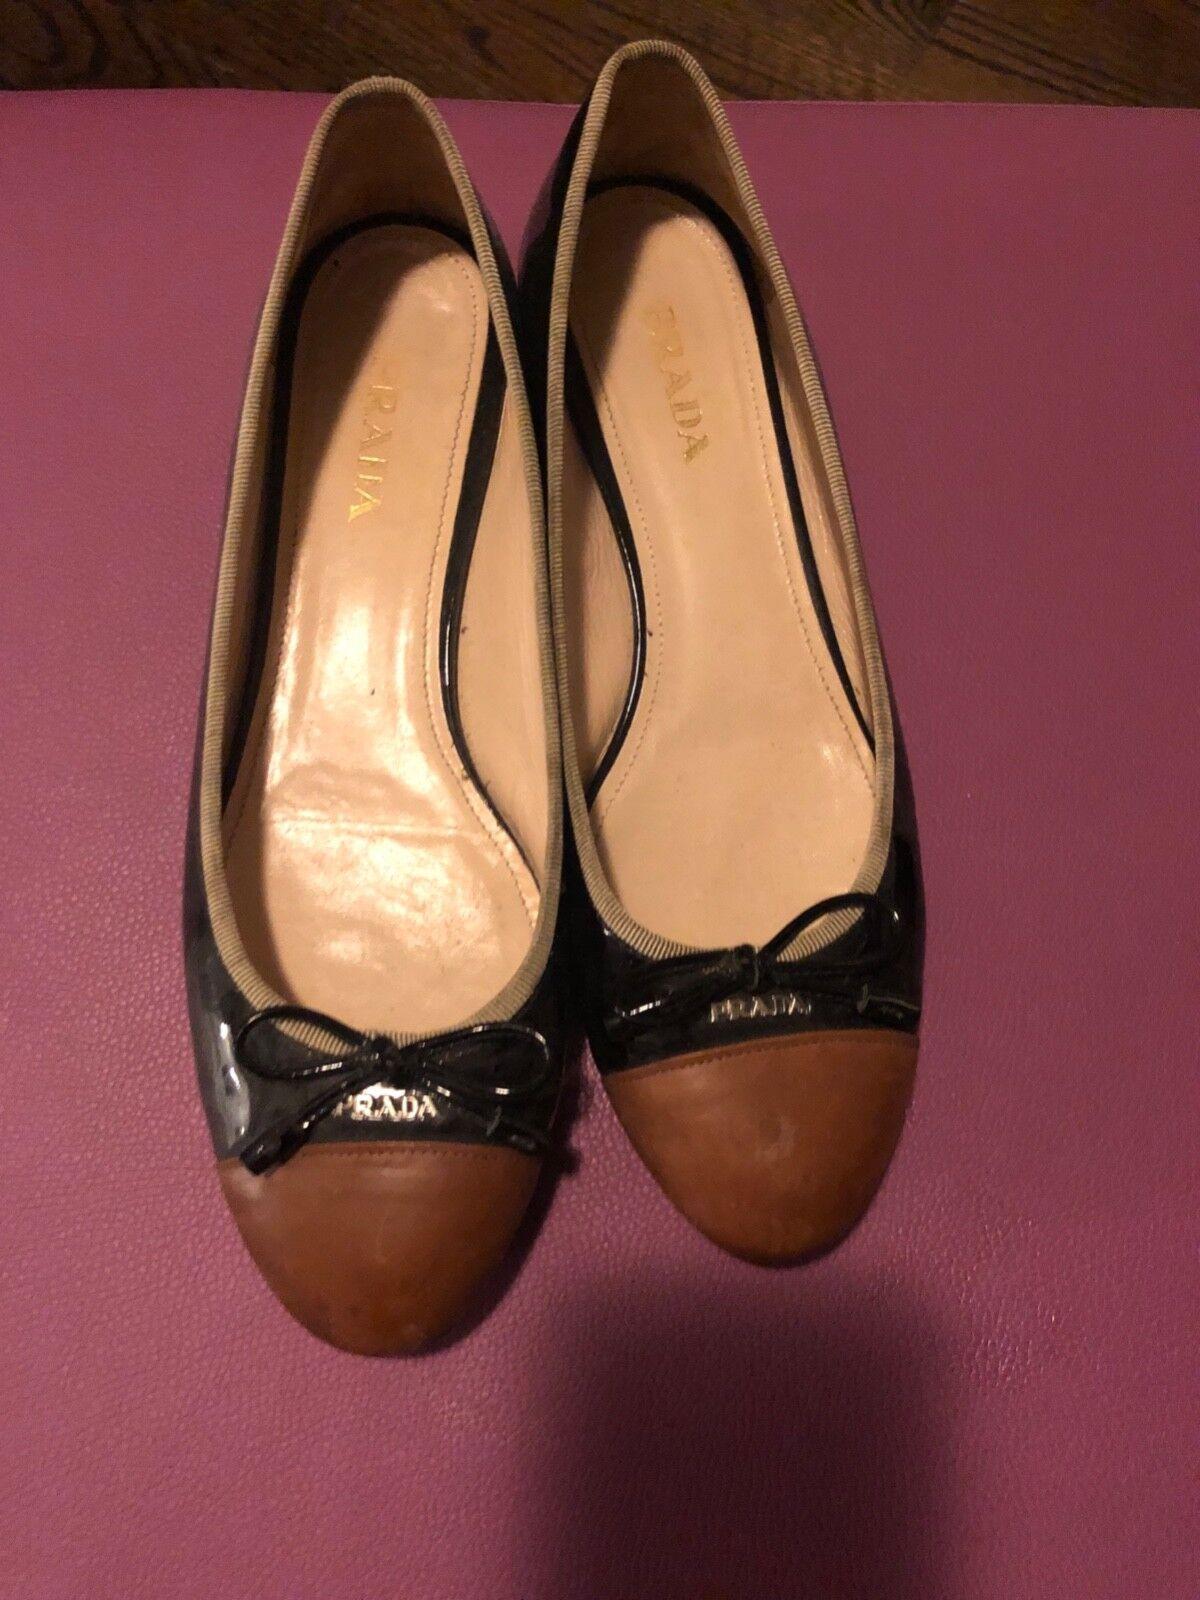 Auténtico Prada Ballet Zapatos Zapatos Zapatos sin Taco Sin En Excelentes Condiciones Talla 39.5  venderse como panqueques